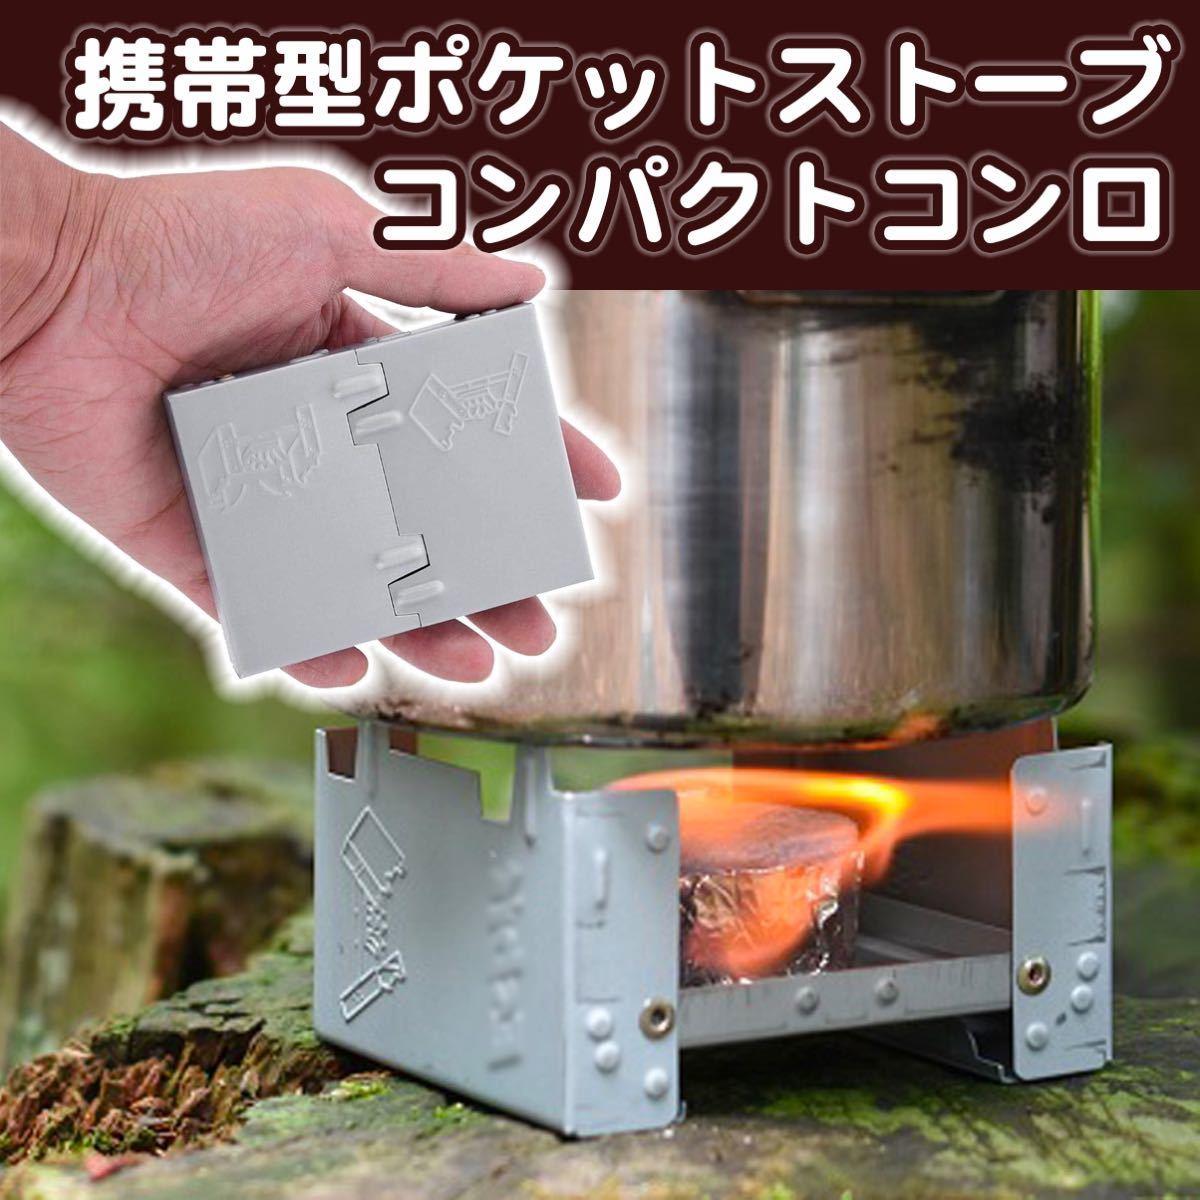 ポケットストーブ 携帯 ポケットコンロ アウトドア ソロ キャンプ 小型 焚き火